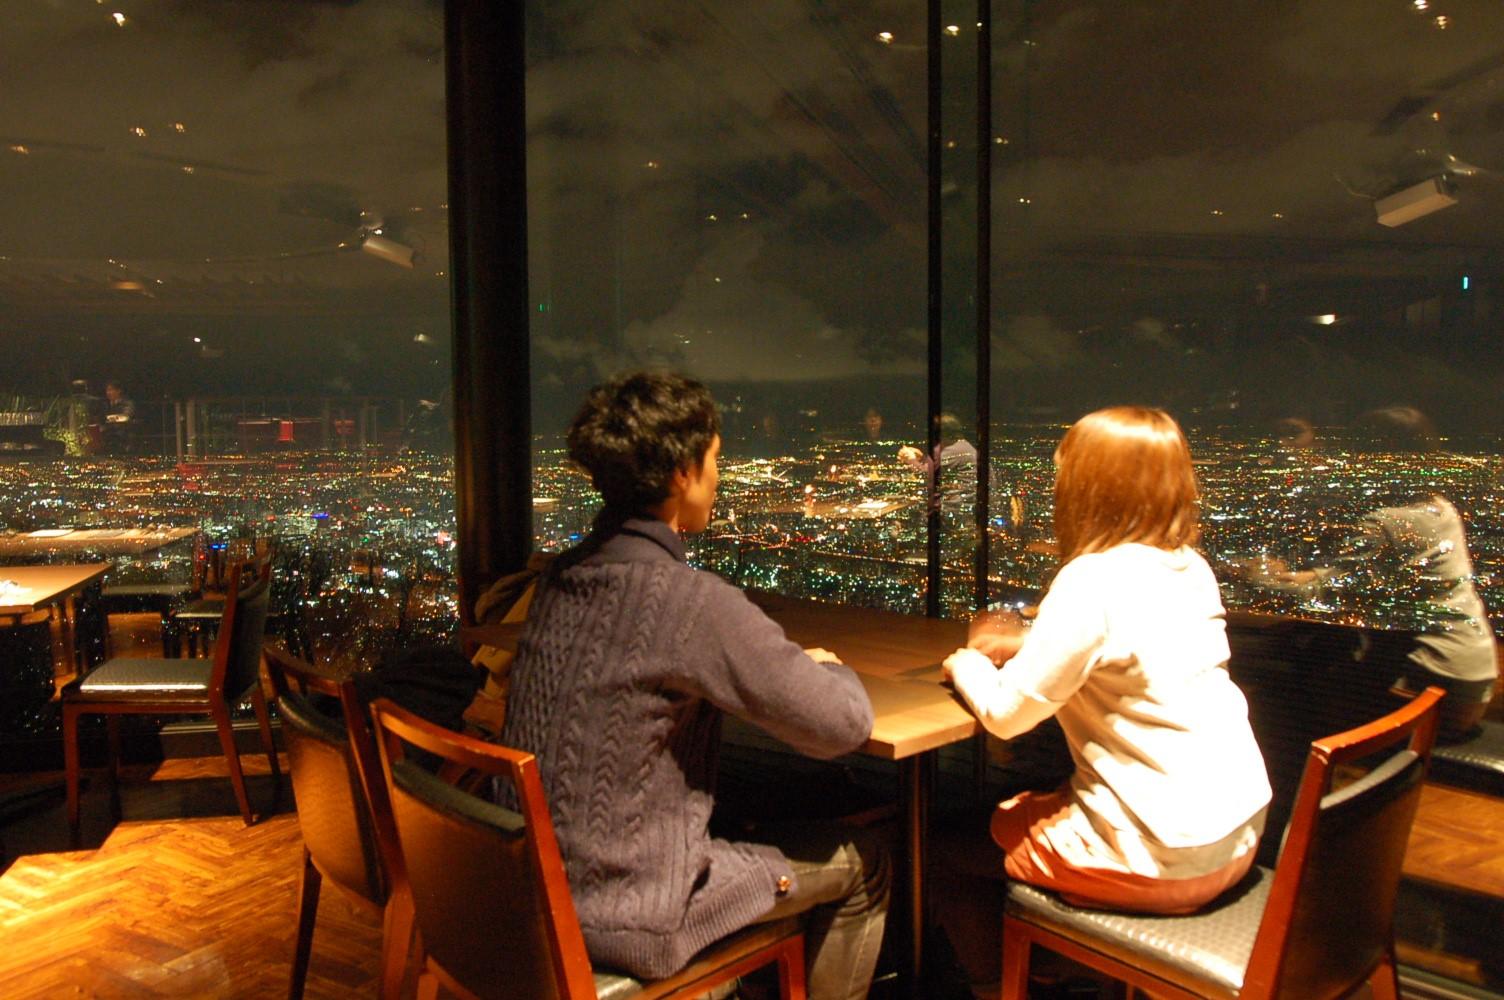 ▲眼下に夜景が広がるレストラン「ザ ジュエルズ」